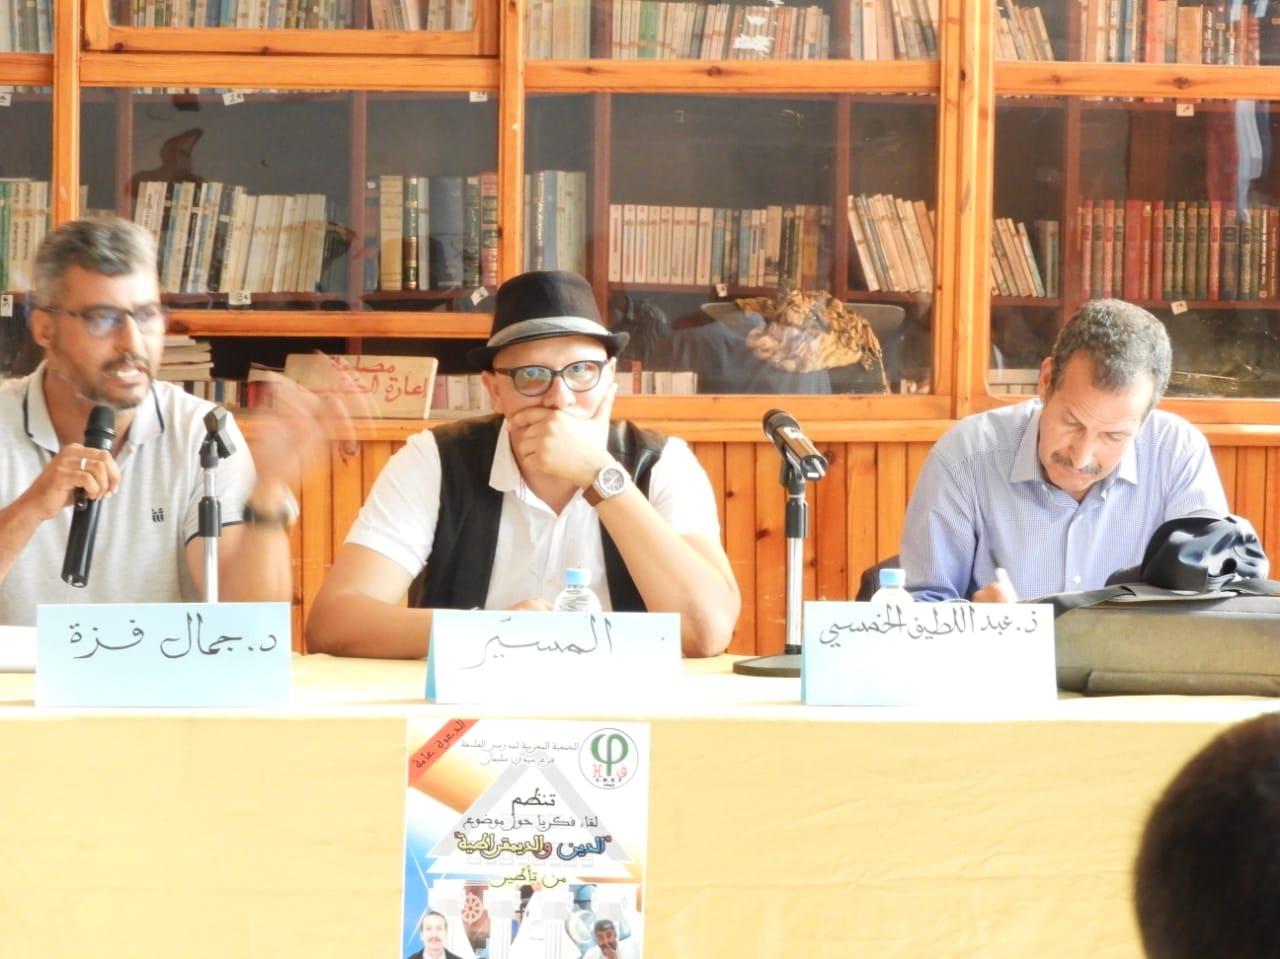 الدين والديمقراطية موضوع لقاء فكري بمدينة سيدي سليمان